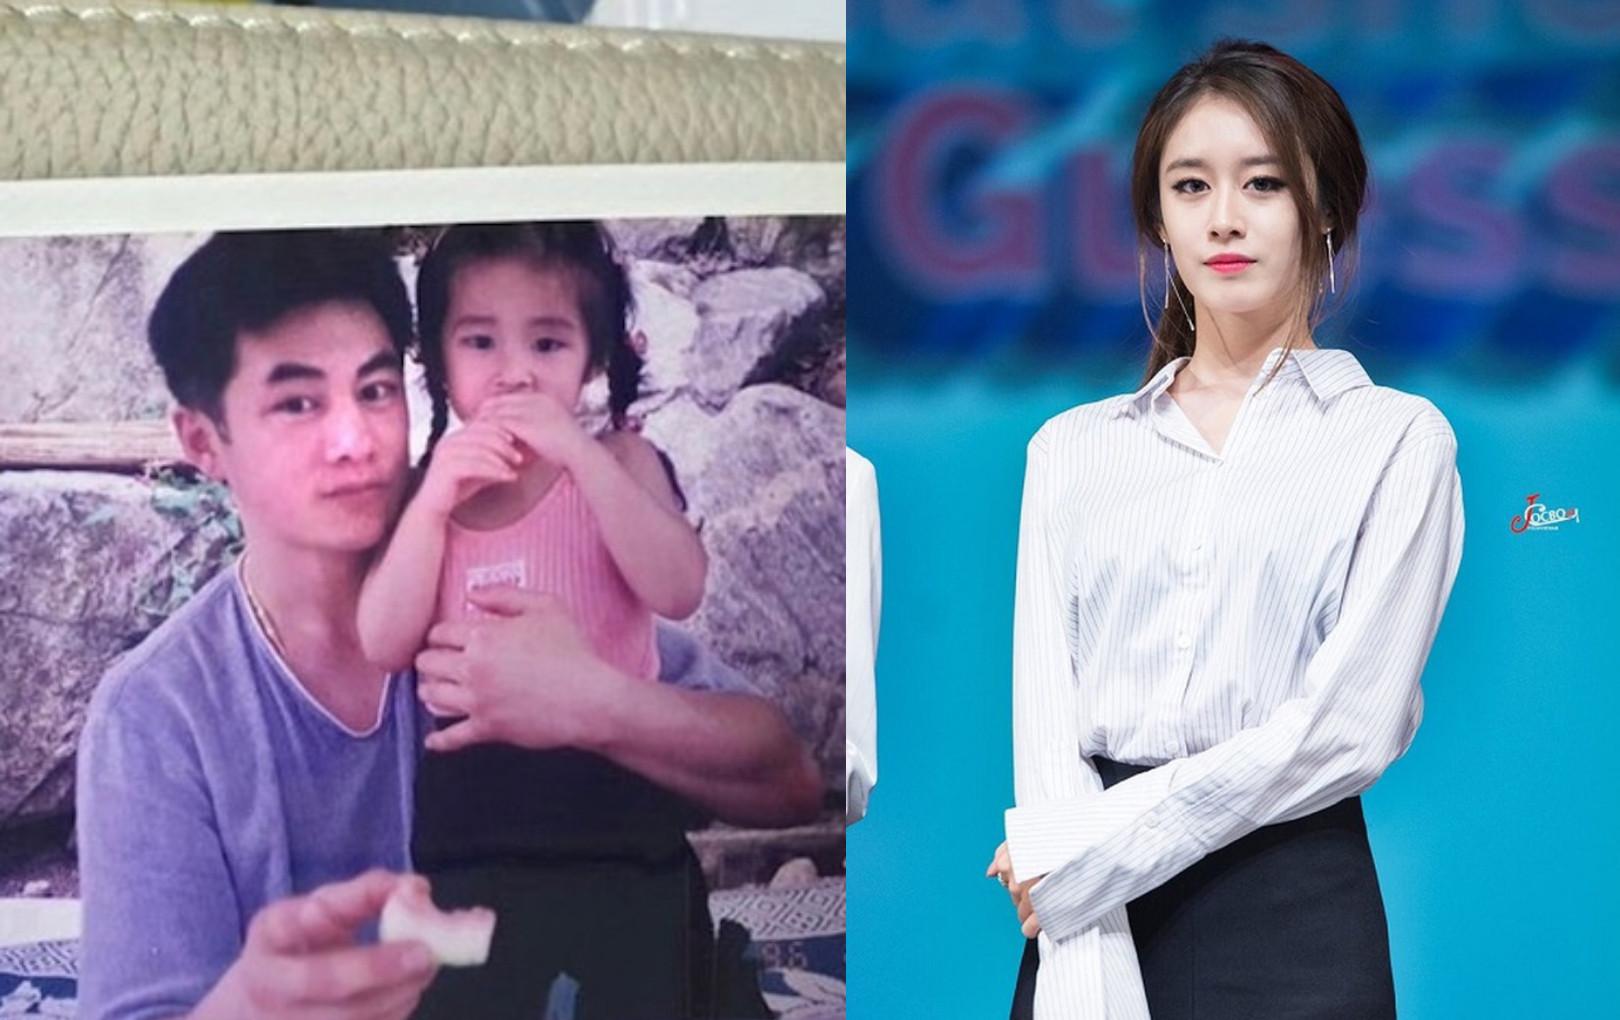 Jiyeon (T-ARA) khoe ảnh ngày bé nhưng người chiếm spotlight lại là bố của cô